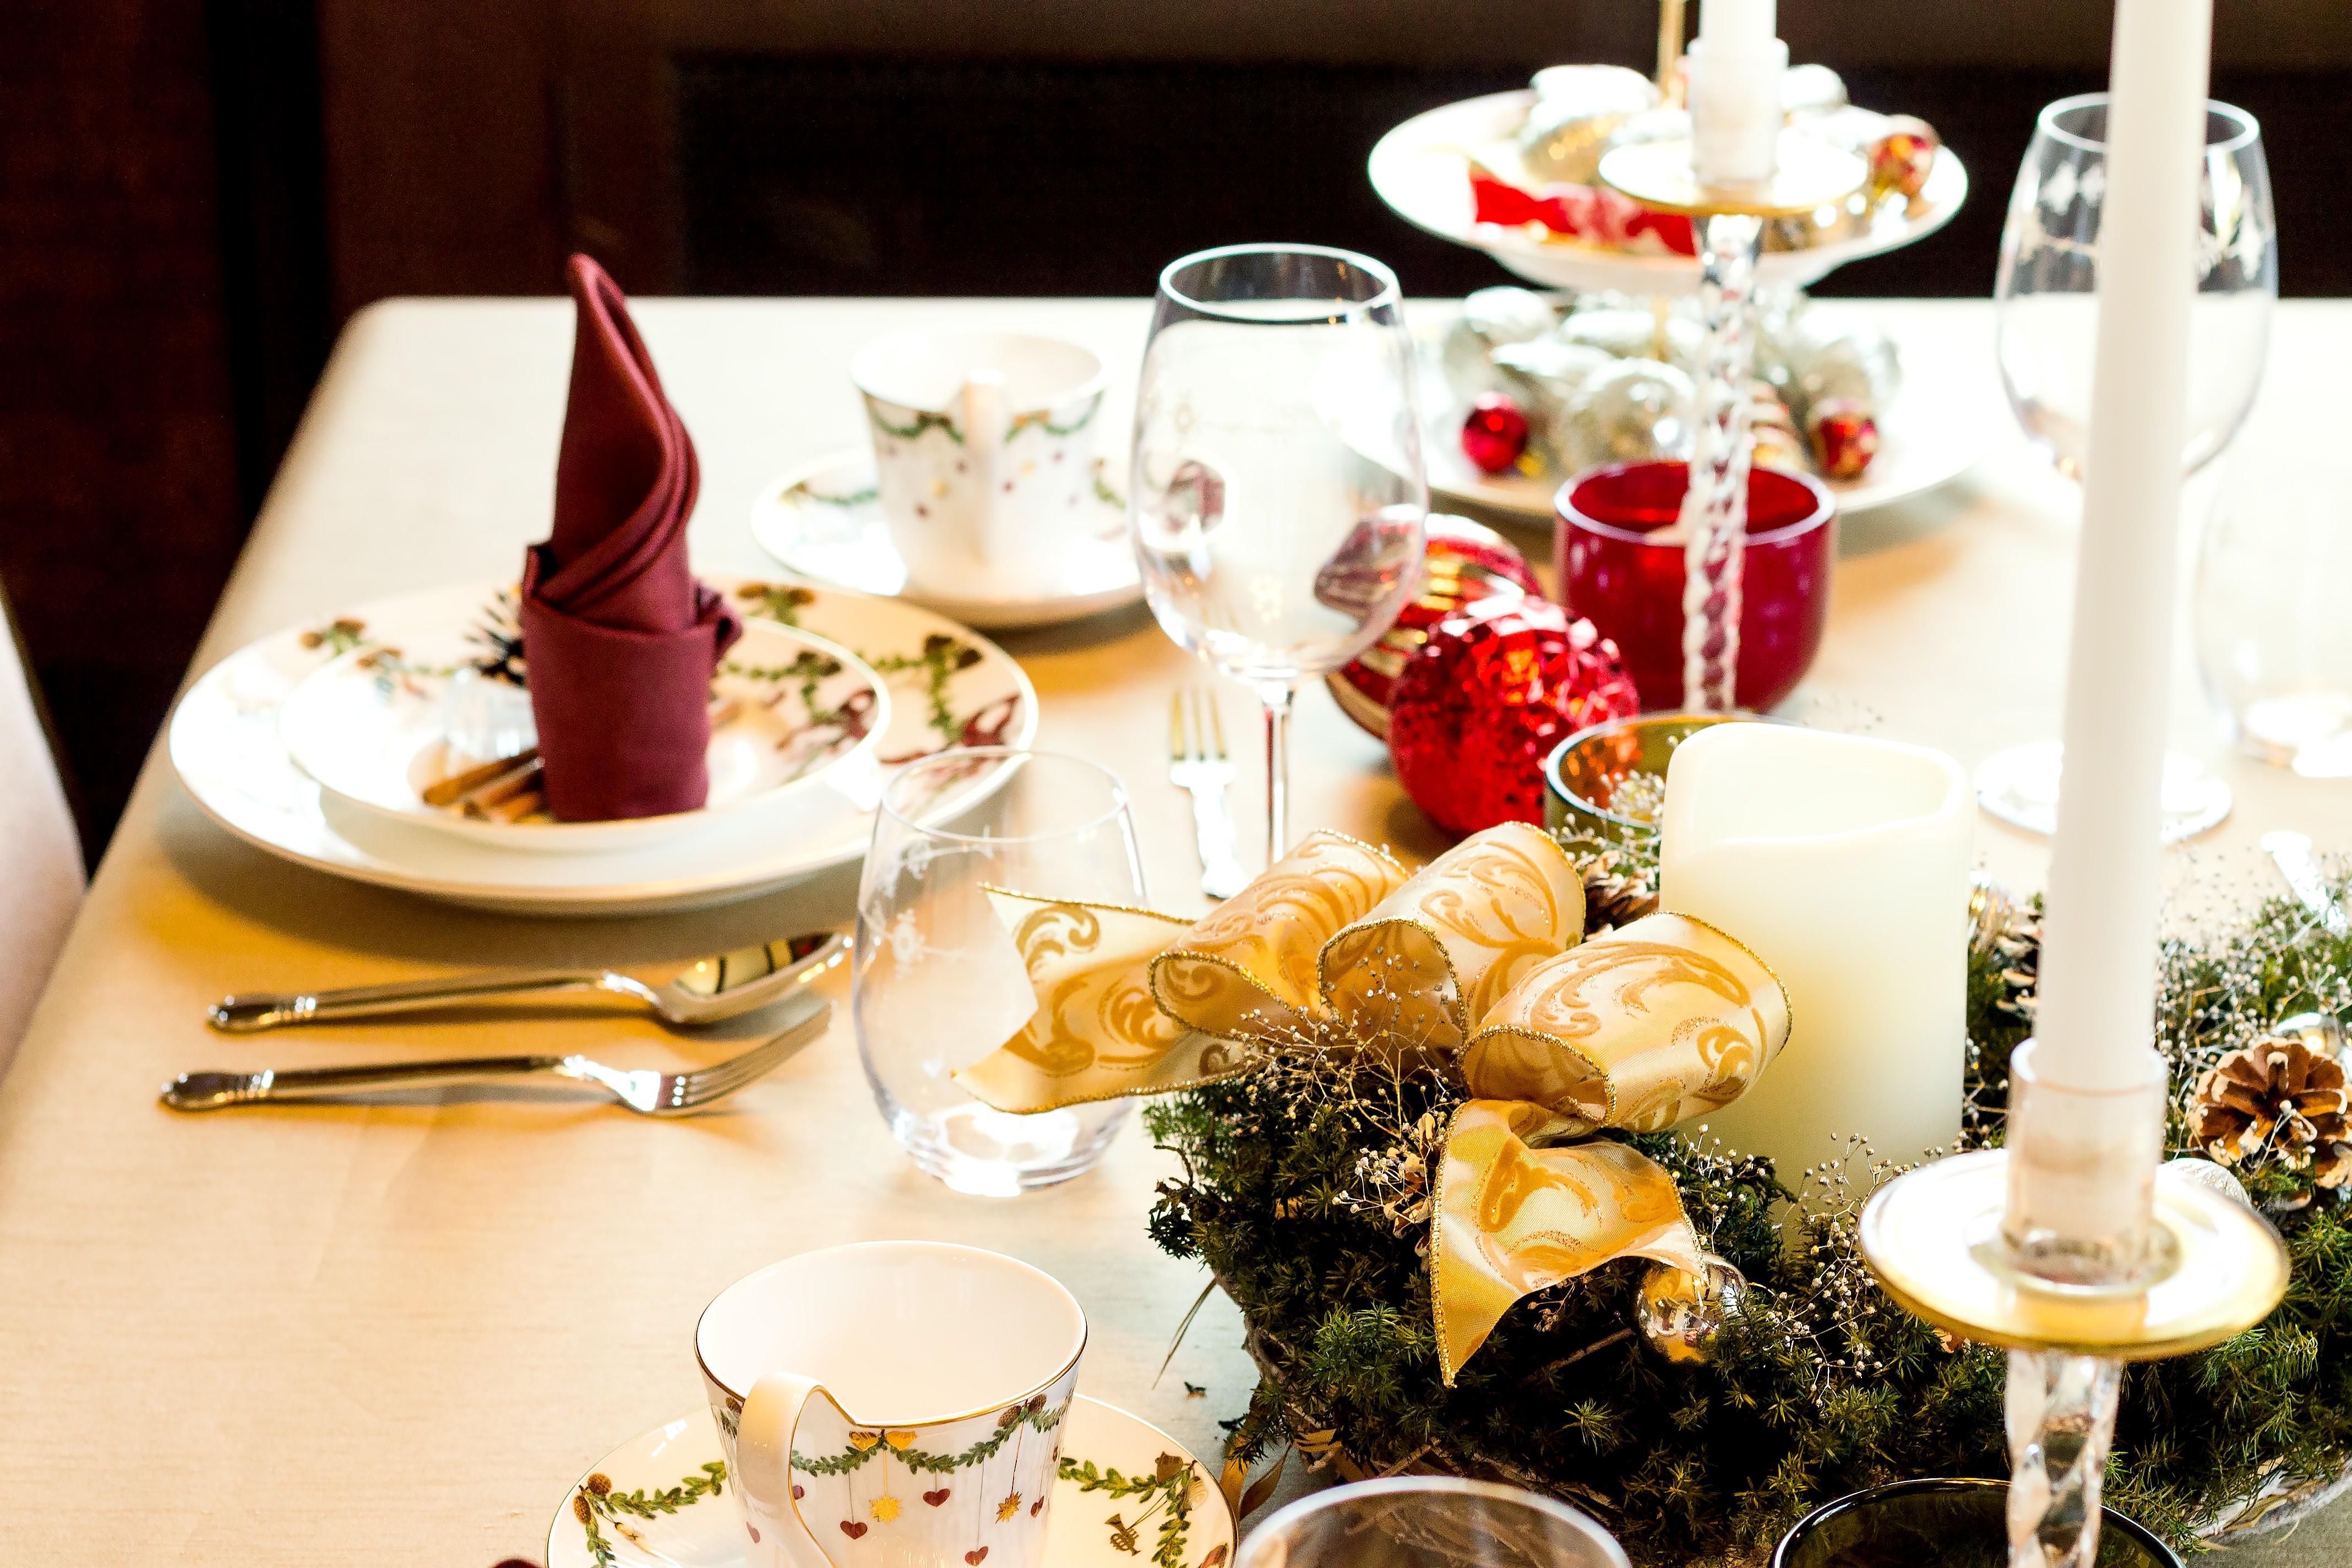 いつもの料理が歓声があがるクリスマス用パーティメニューに変わる 簡単盛り付けアレンジ【画像あり】